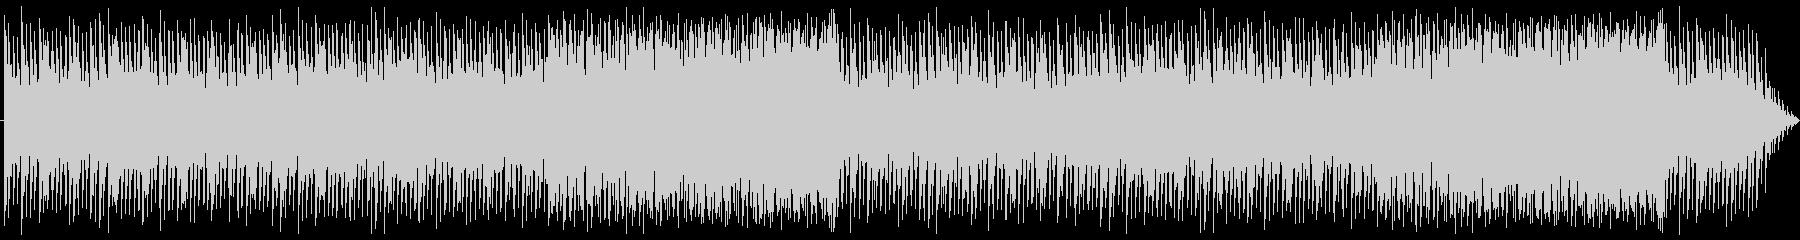 メロウなピアノのEDM:編集版Bの未再生の波形